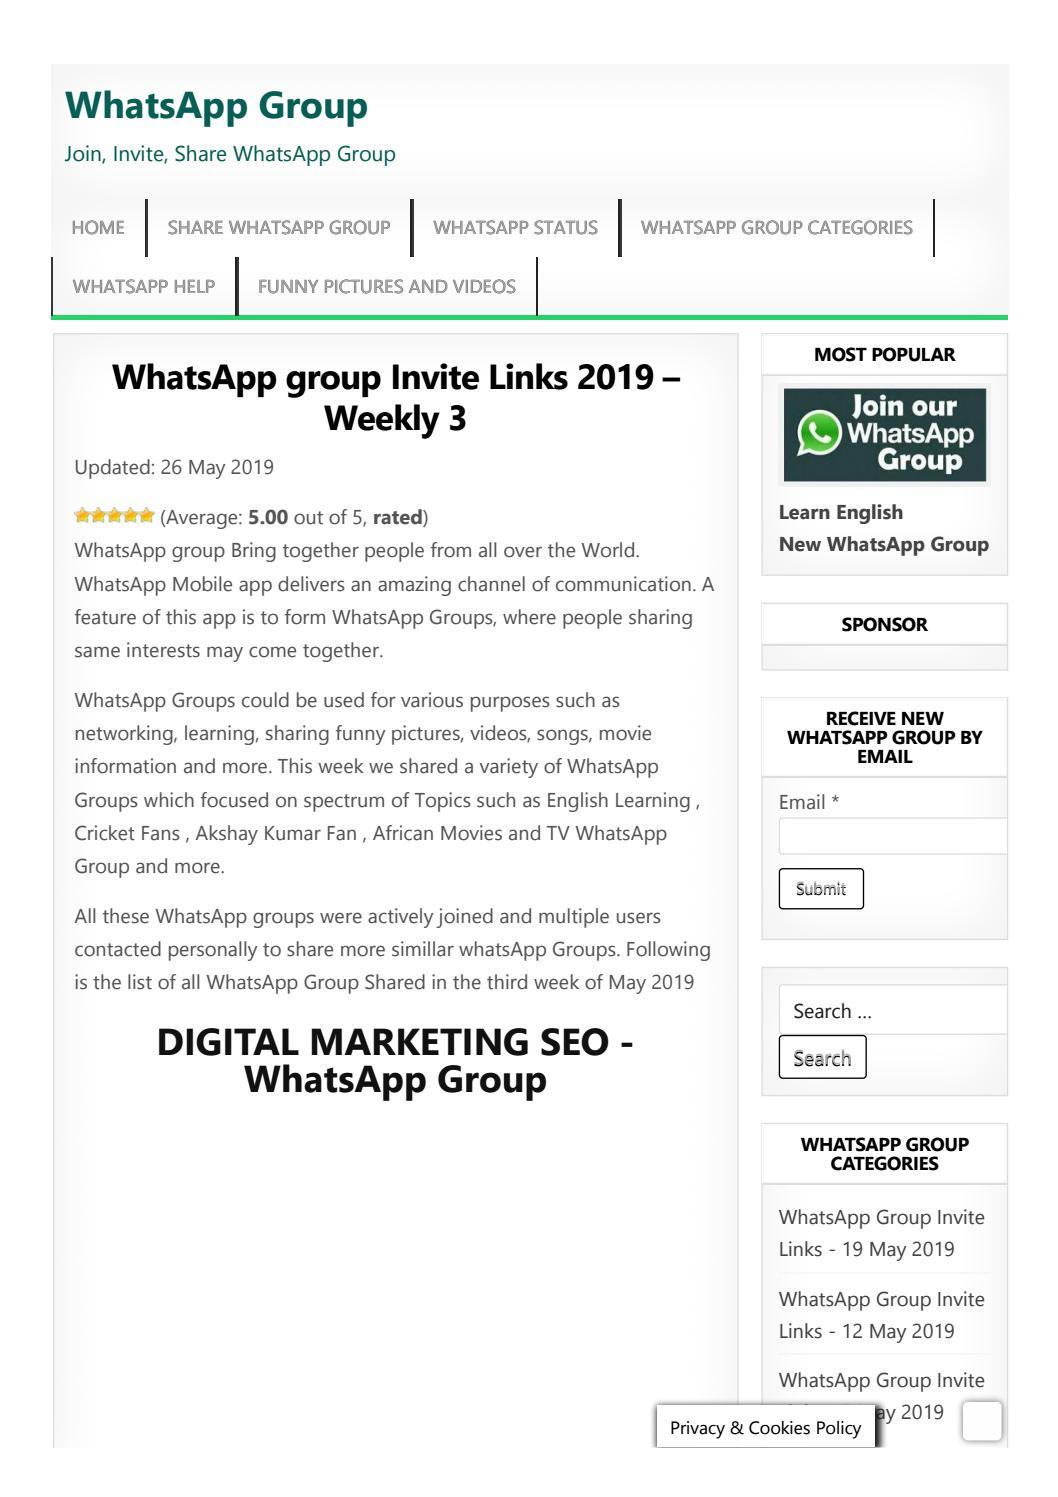 WhatsApp Group Invite LInks - May 2019 by whatsappgroups - issuu